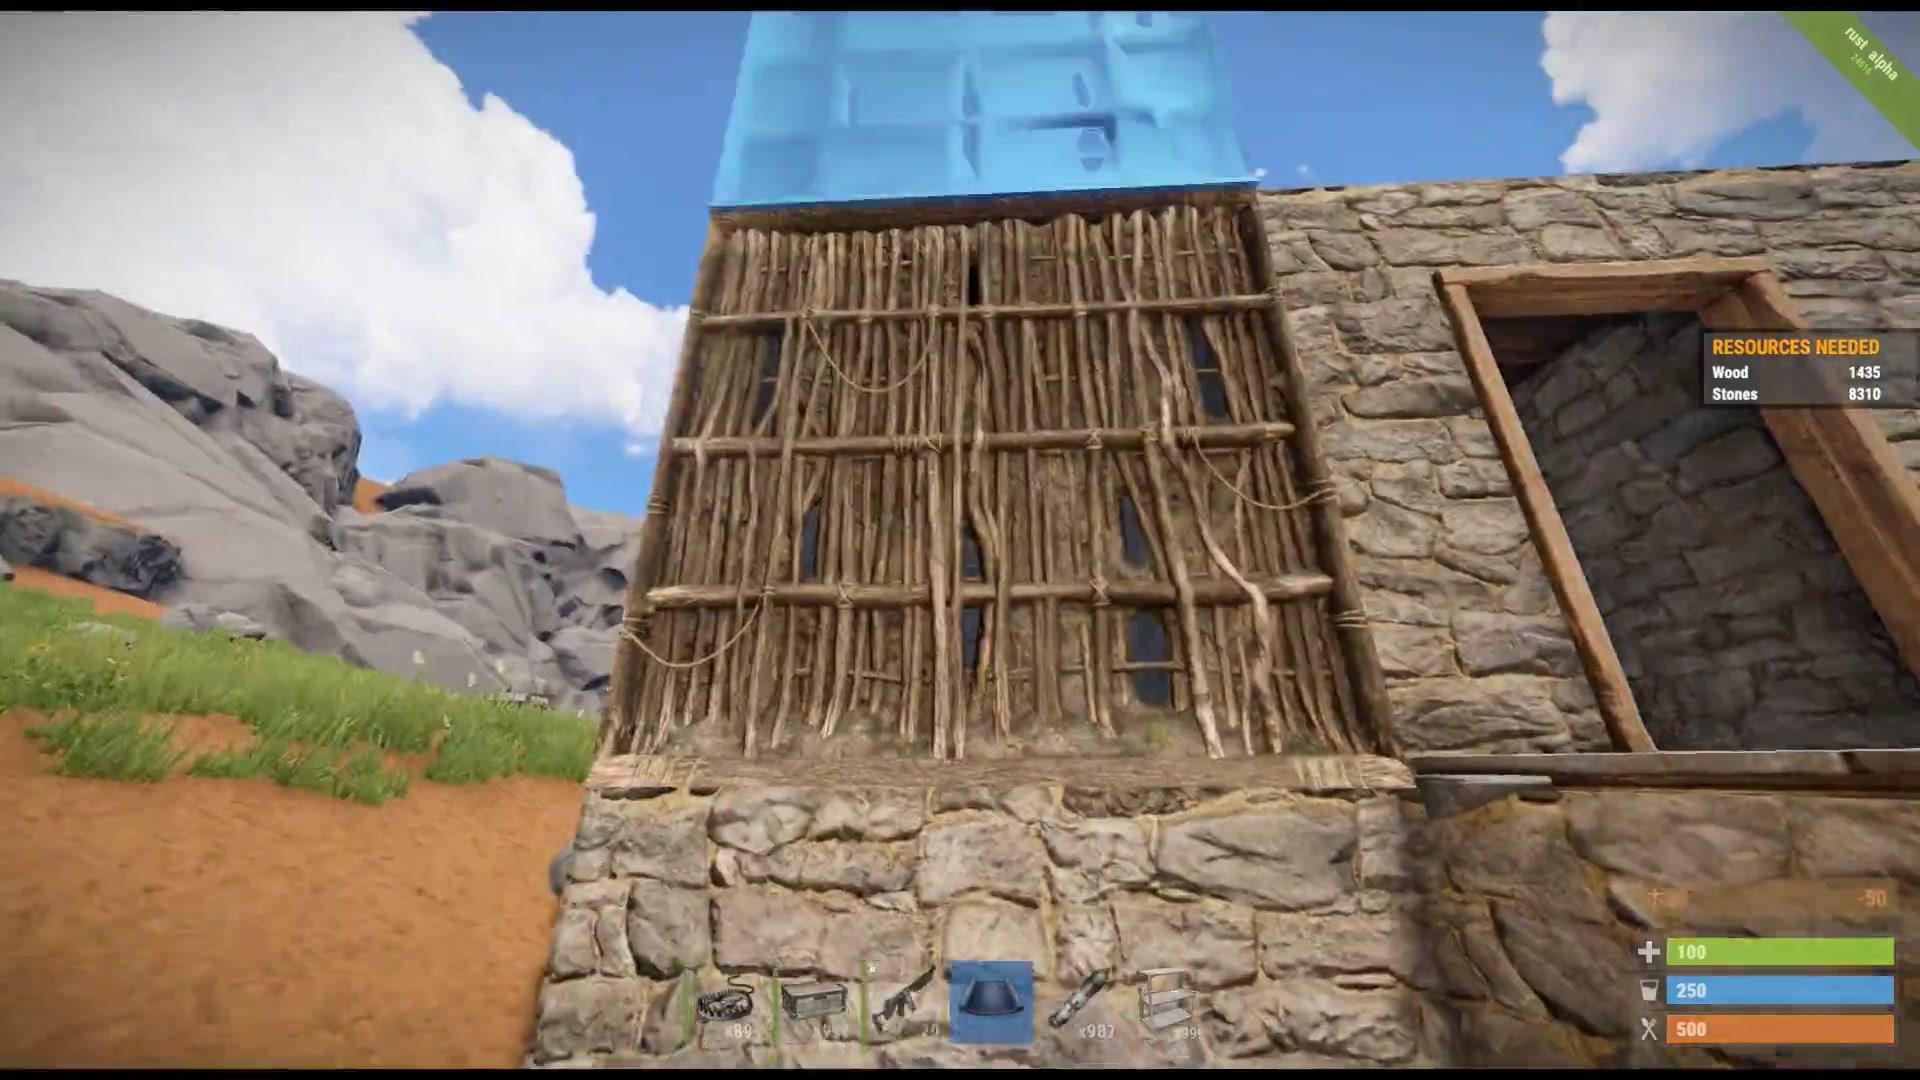 千笑rust腐蚀生存p7:房子被抄 生活好迷茫视频图片